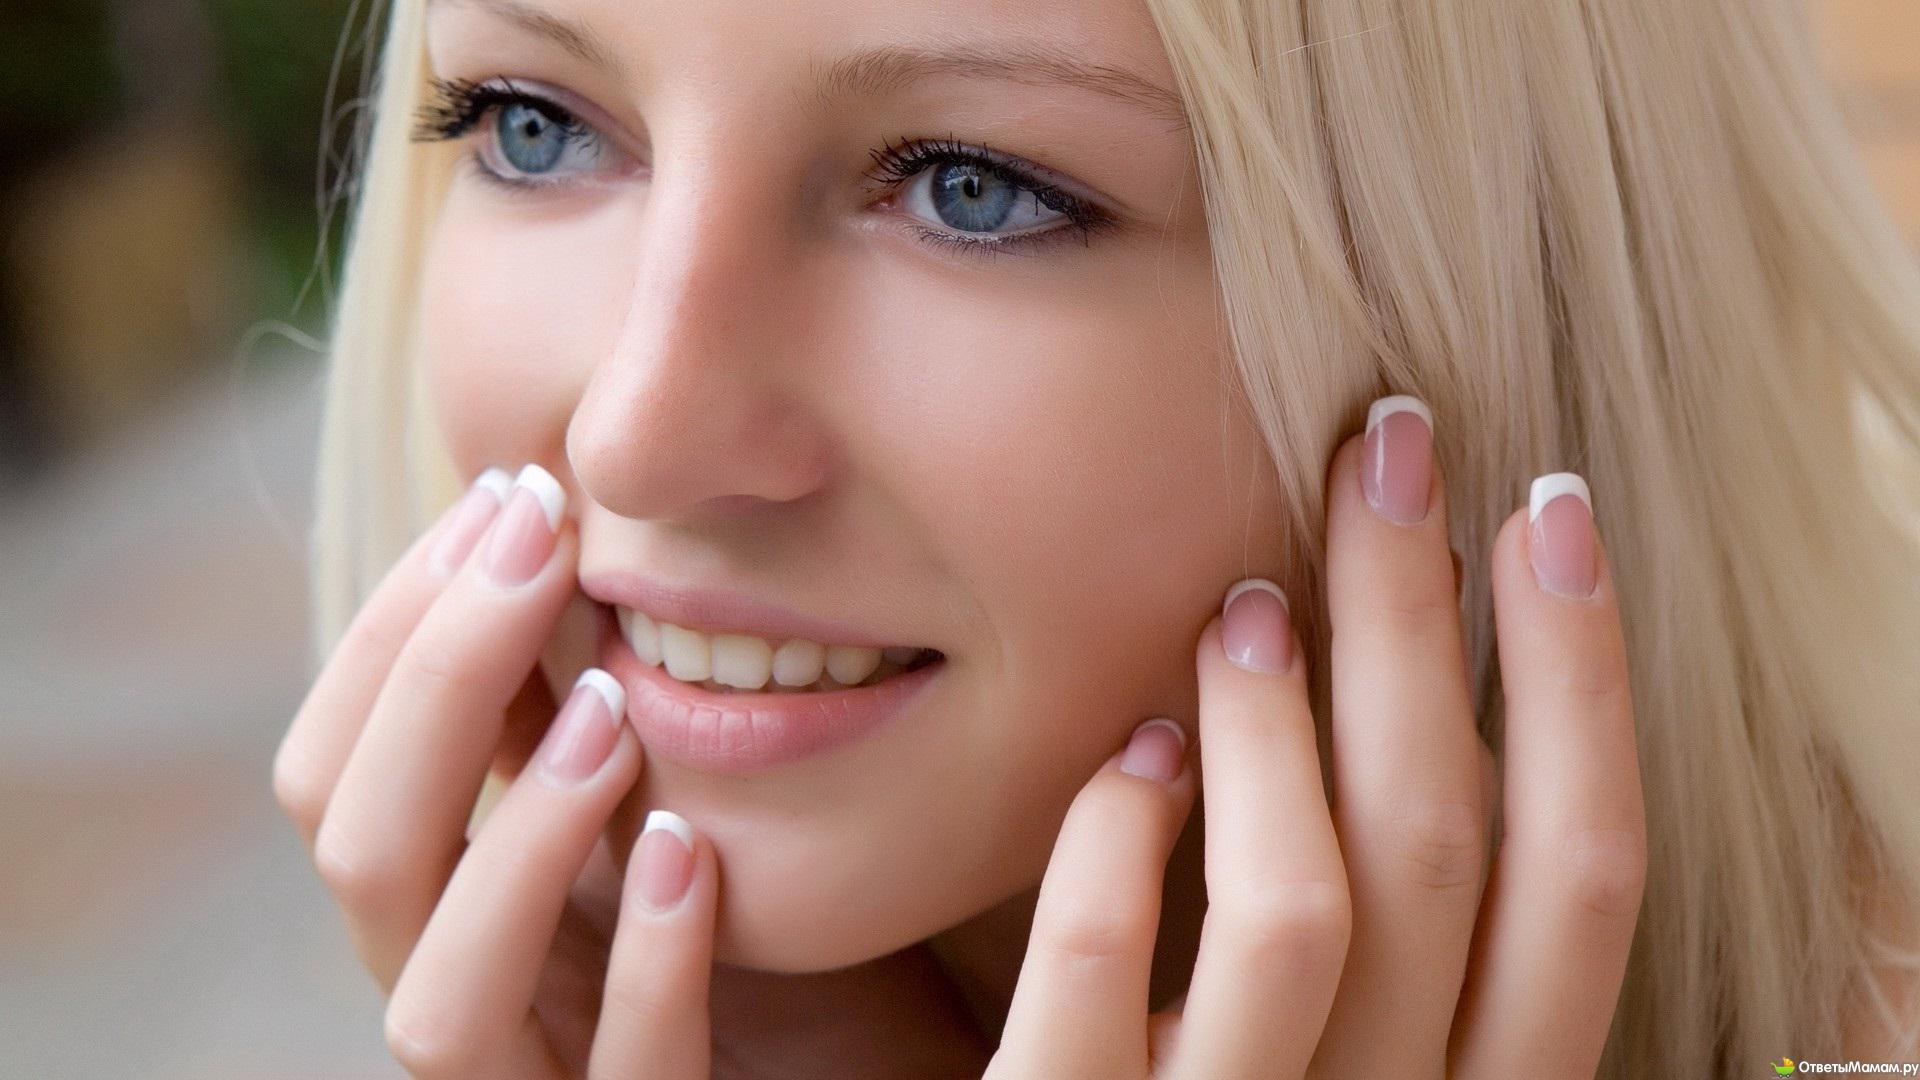 Фото девушек блондинка с родинкой на лице 21 фотография